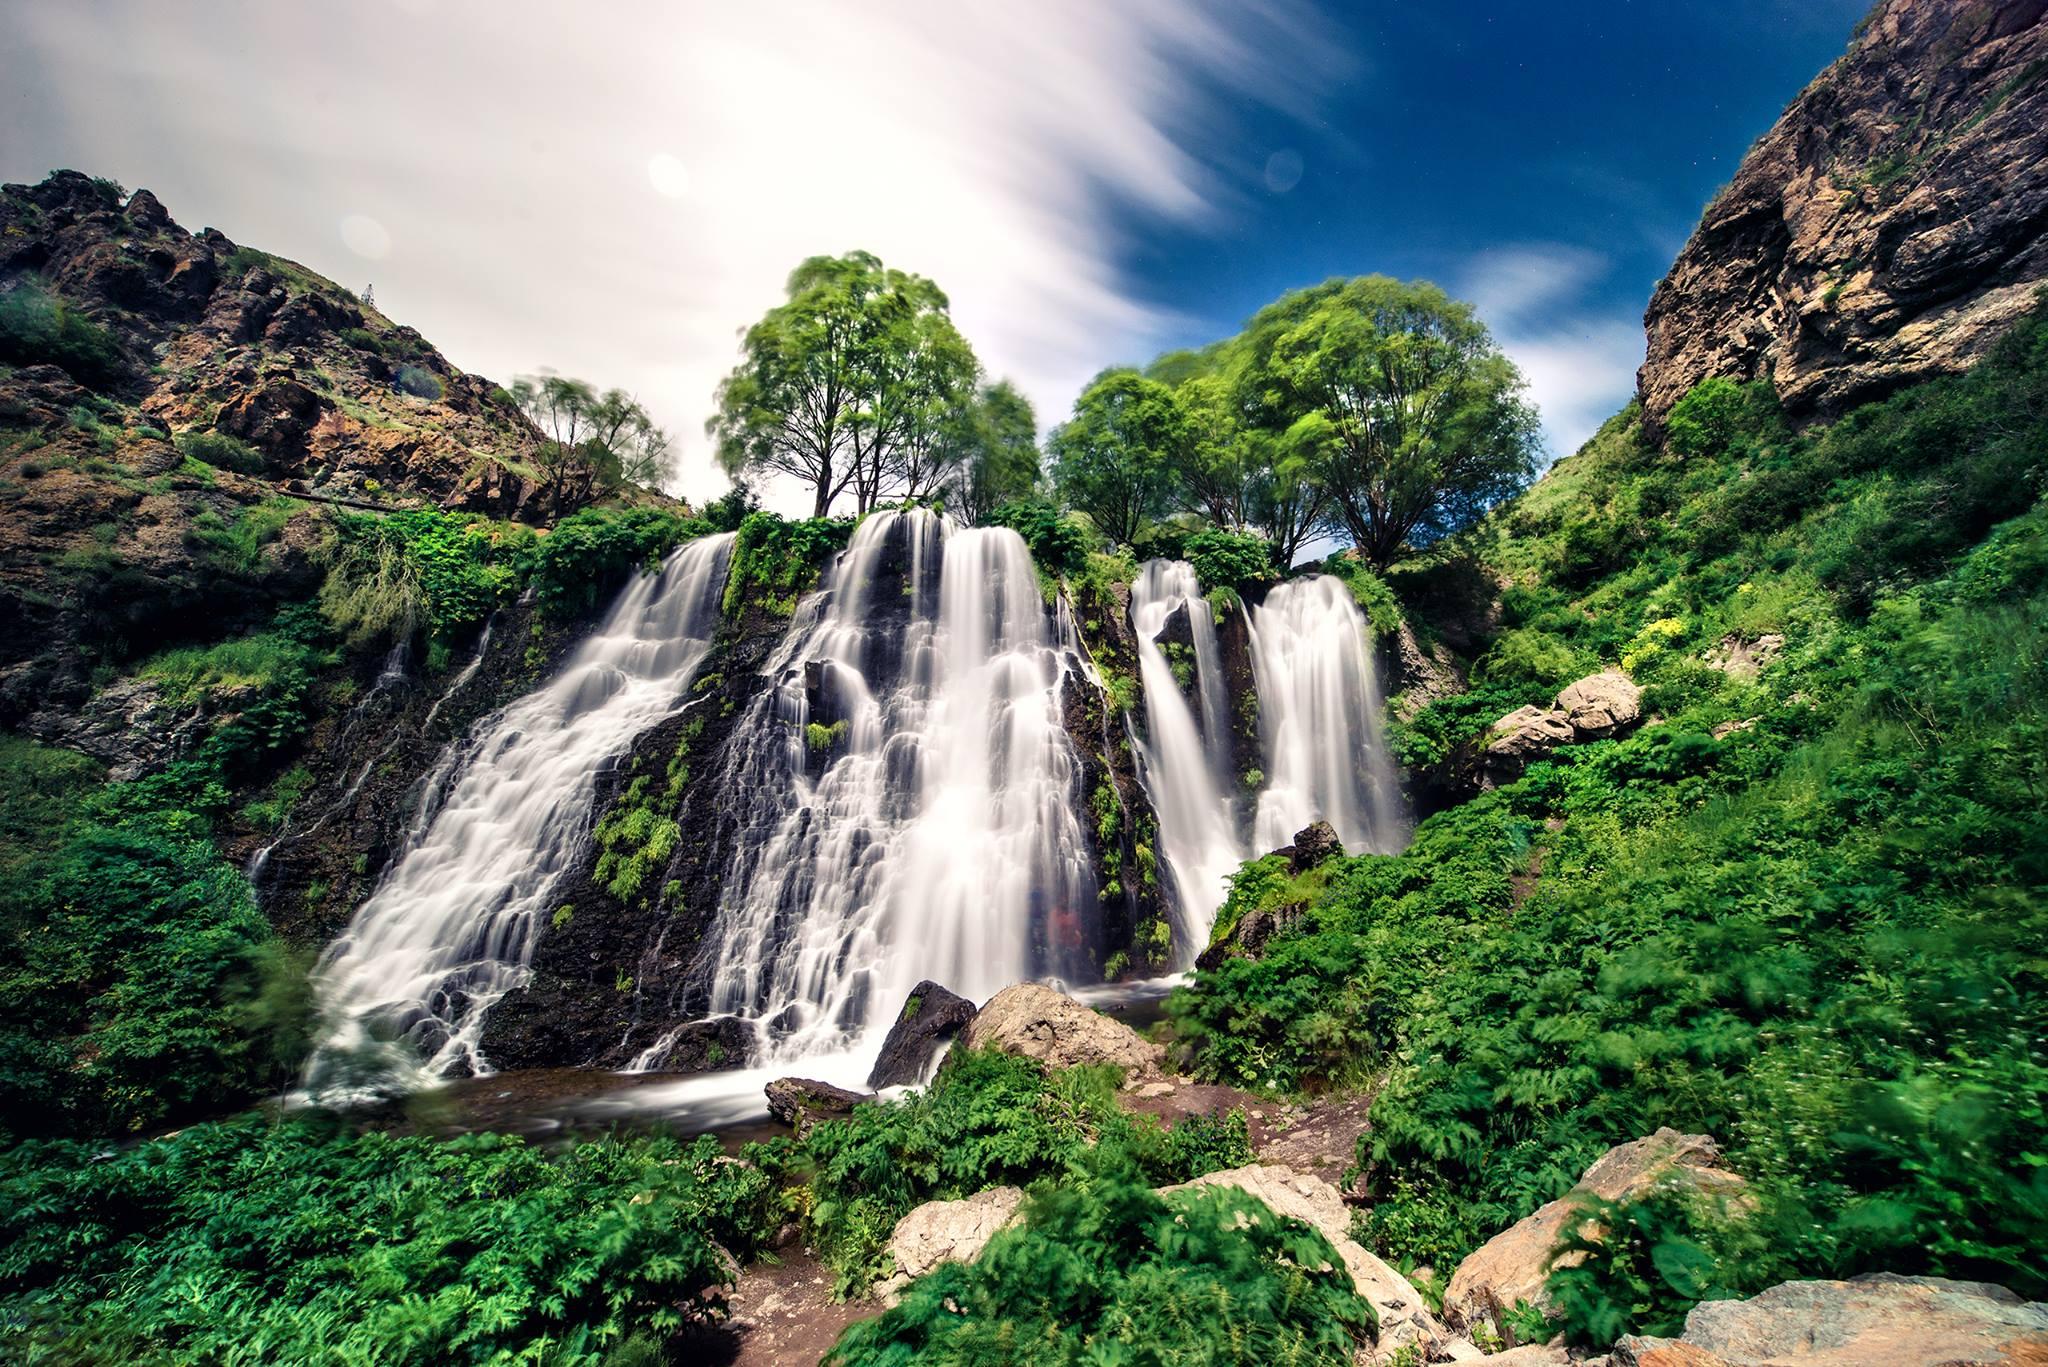 Շաքիի ջրվեժ - Վիքիպեդիա՝ ազատ ...